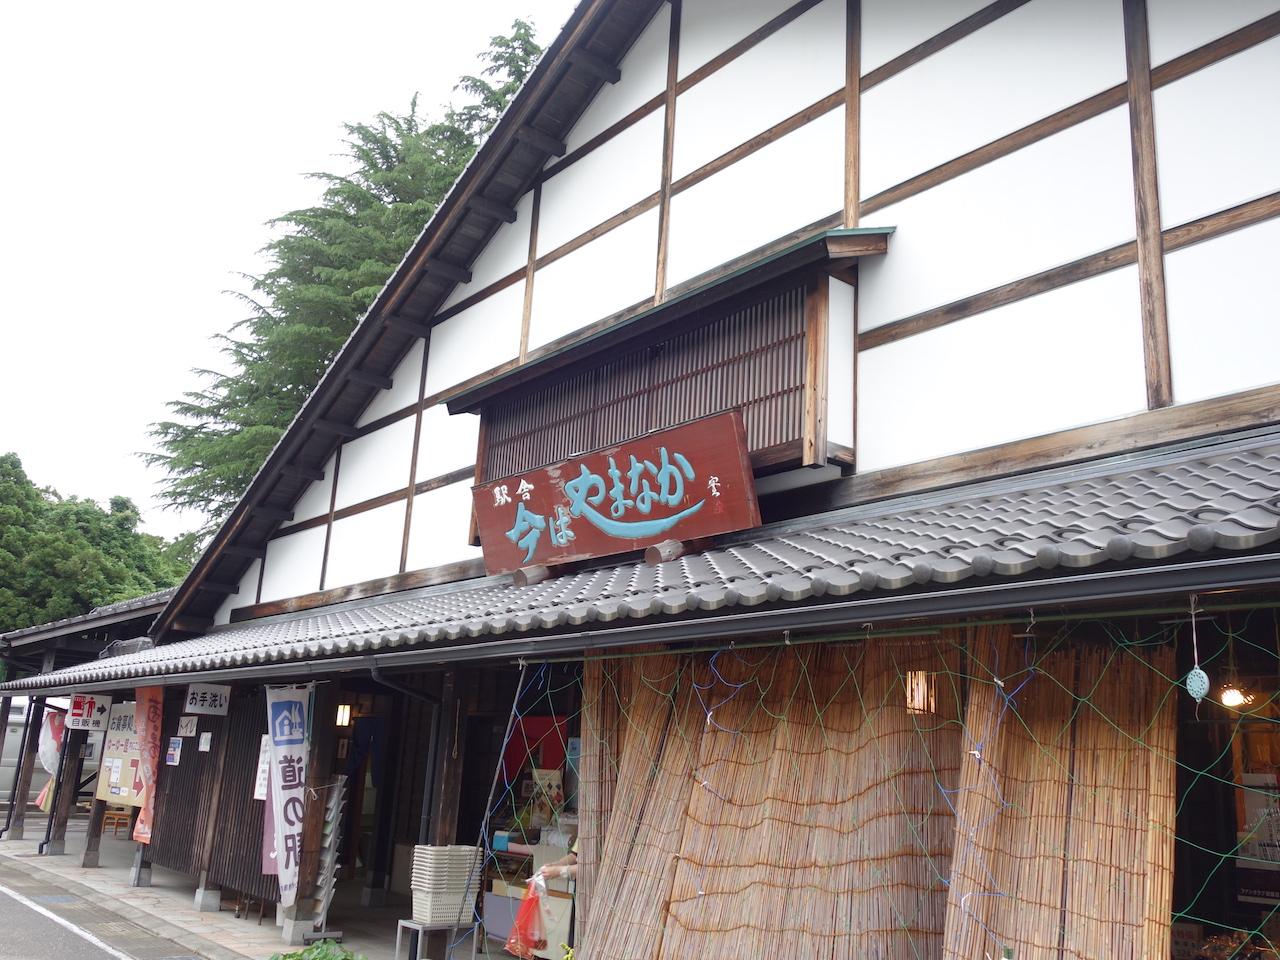 お風呂入りたい・・・いざ温泉目指して行ってきます!目指すは石川県の山中温泉だ!